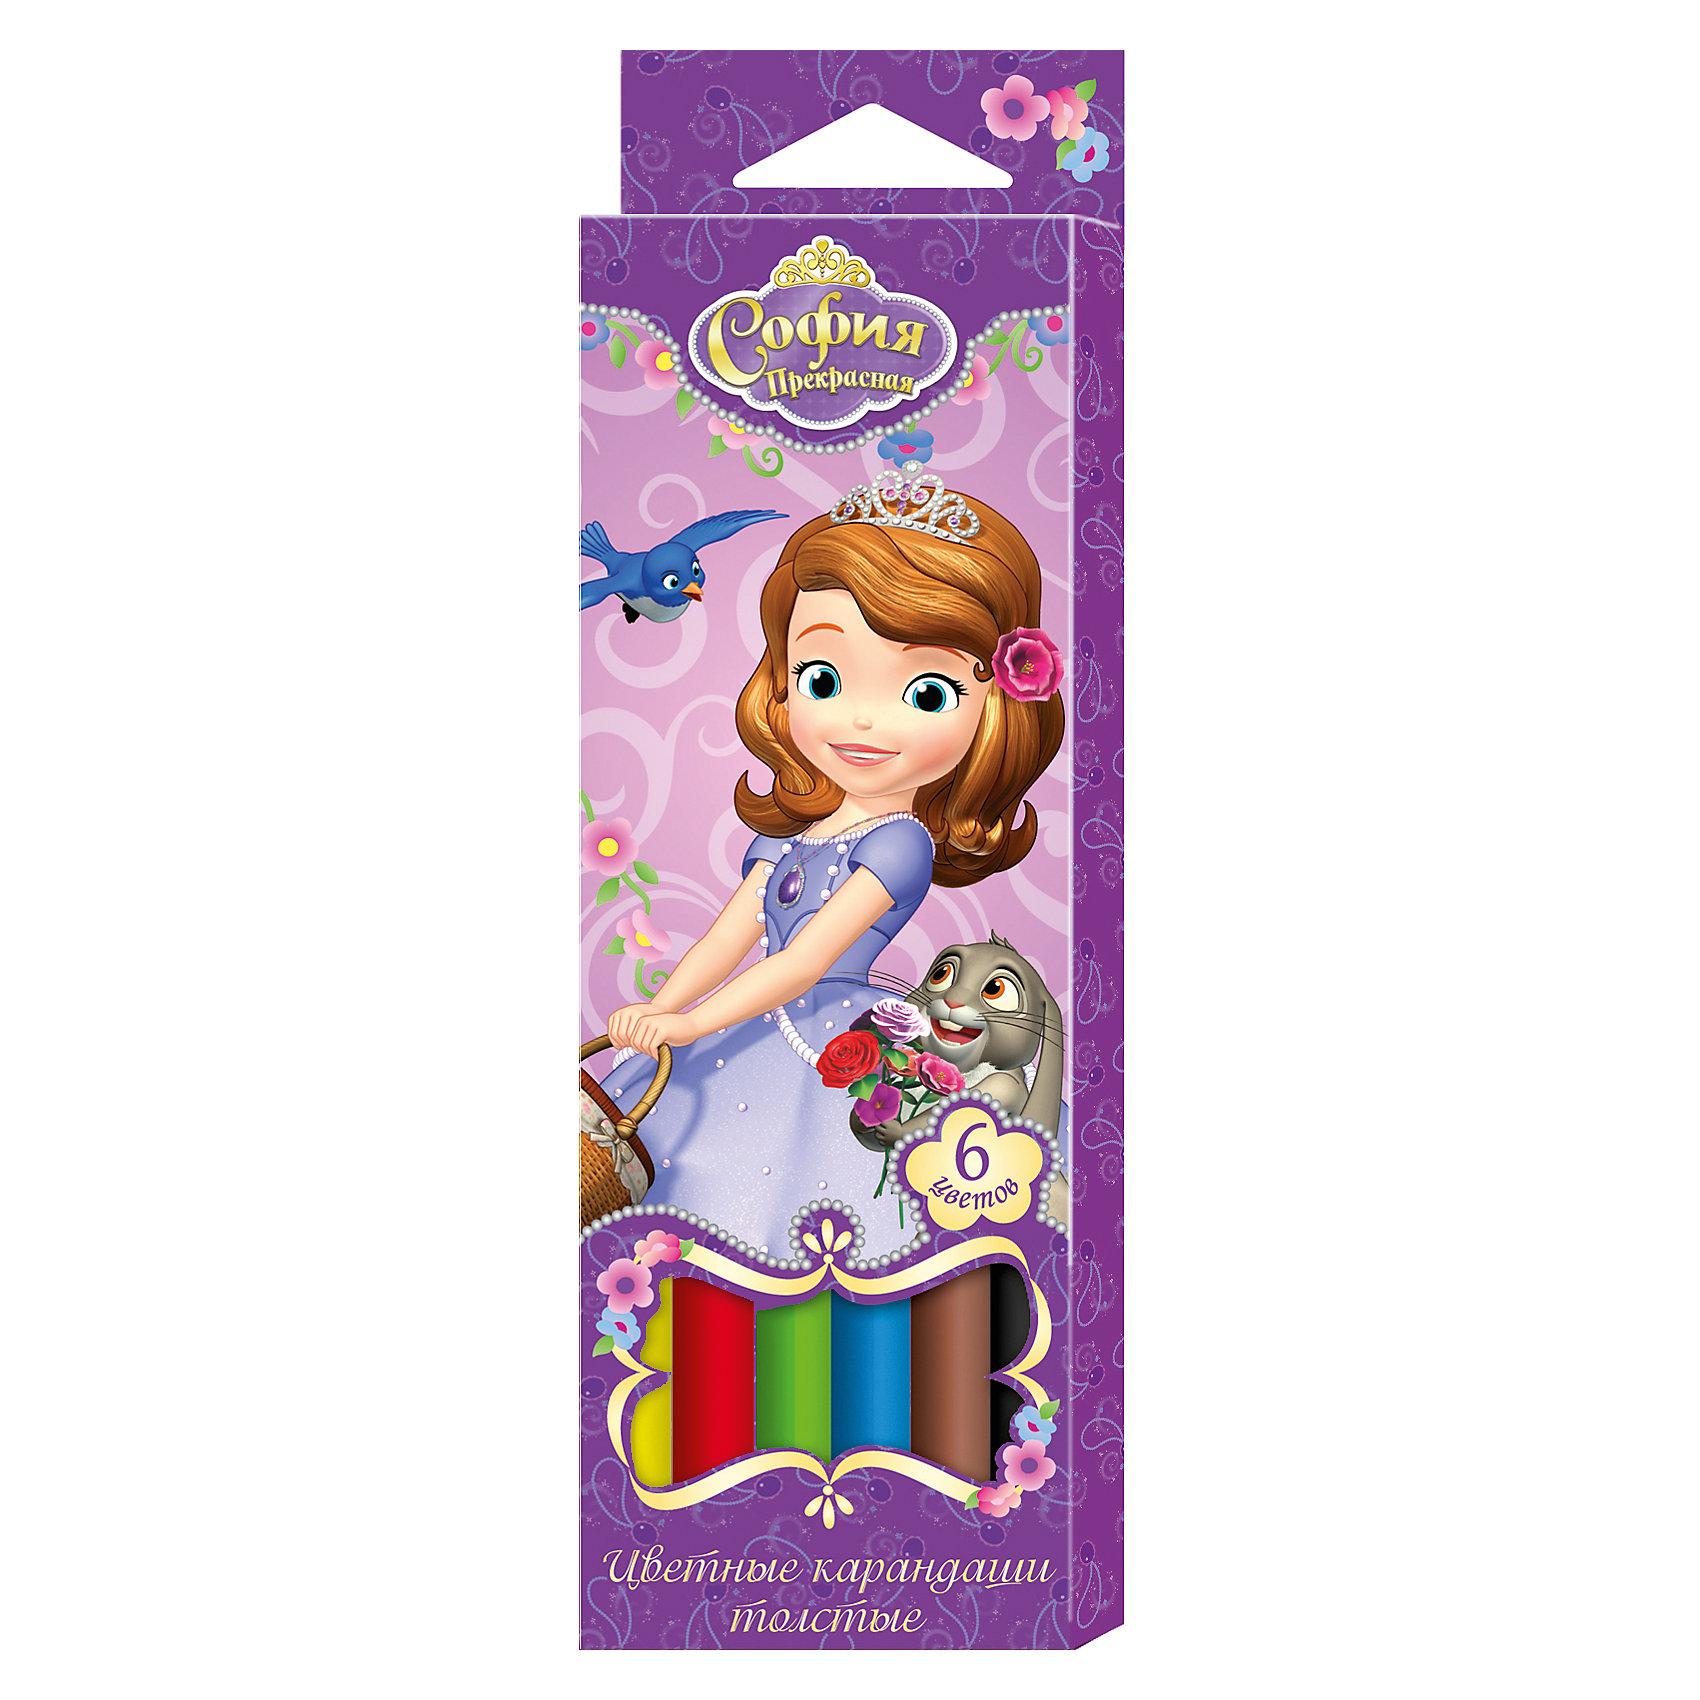 Толстые цветные карандаши София Прекрасная 6 цветов